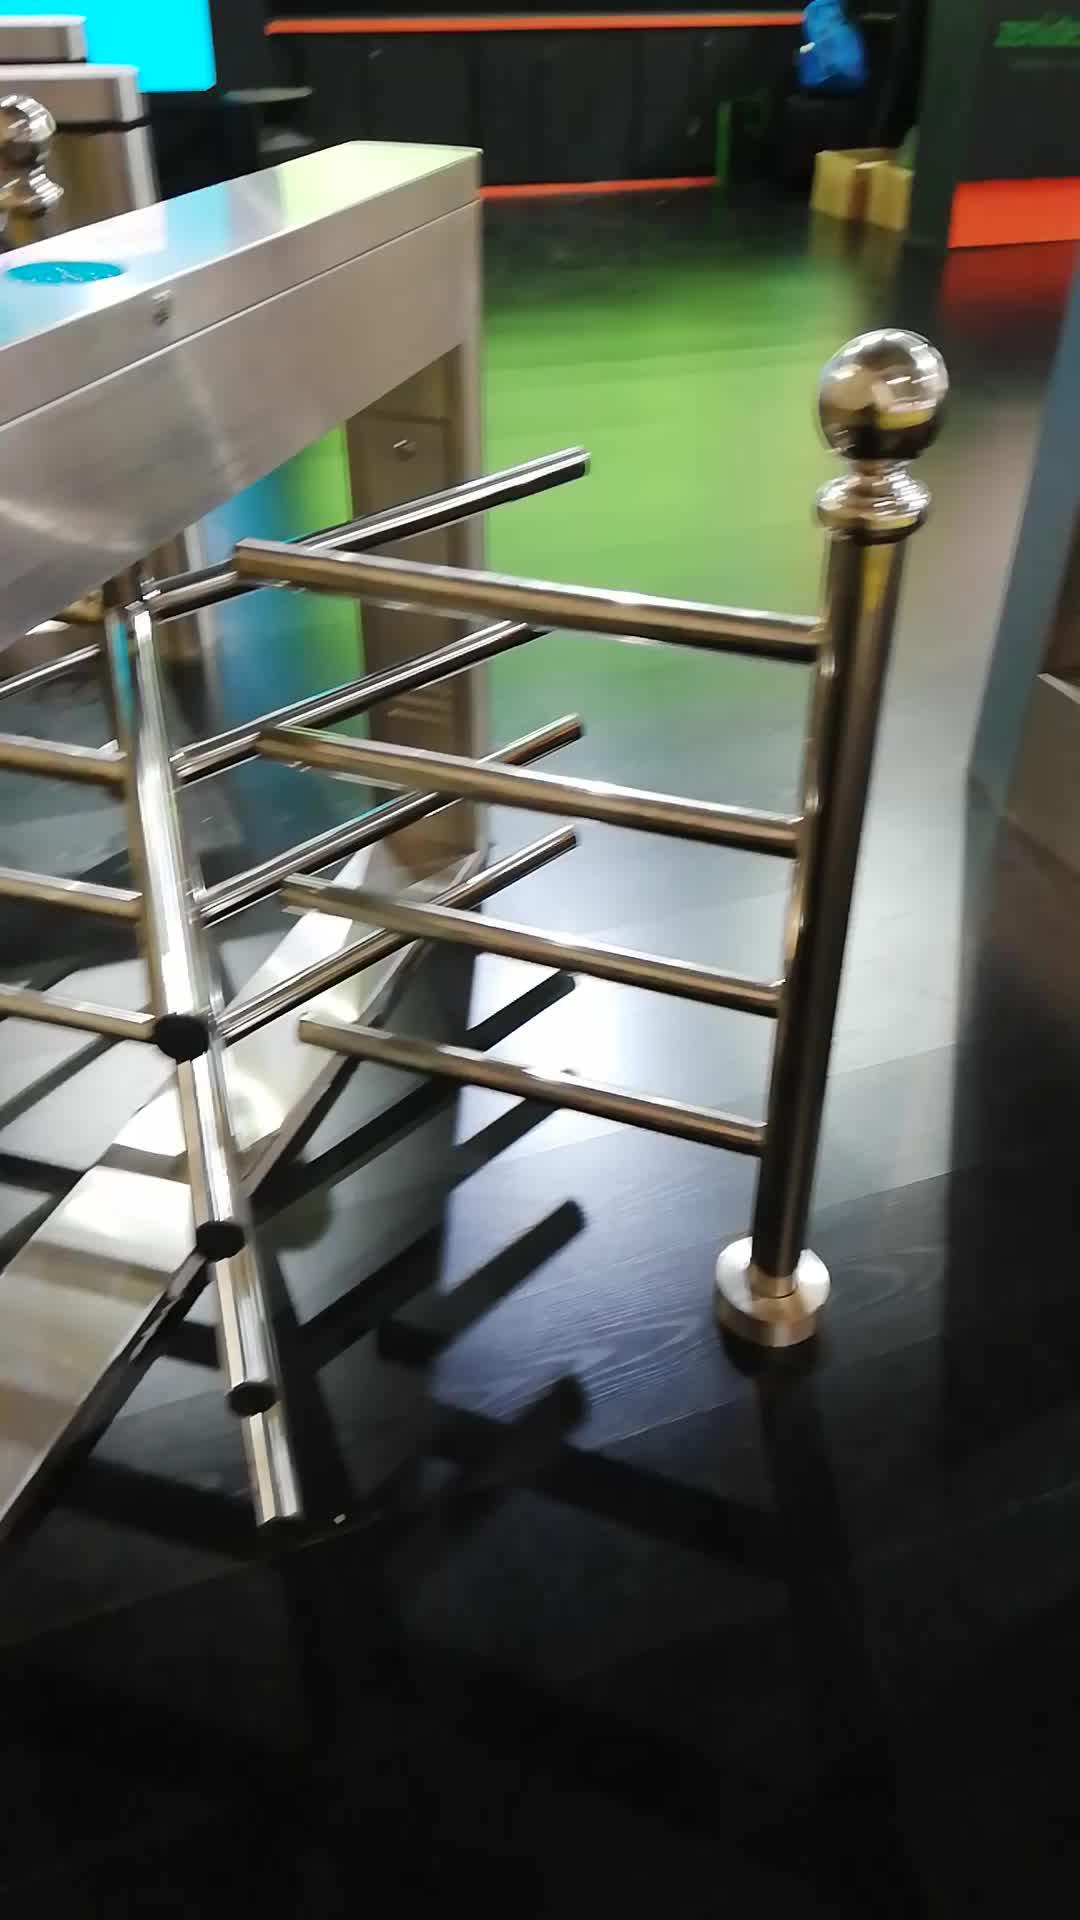 Satu jalur sistem akses kontrol turnstile gate half height turnstile